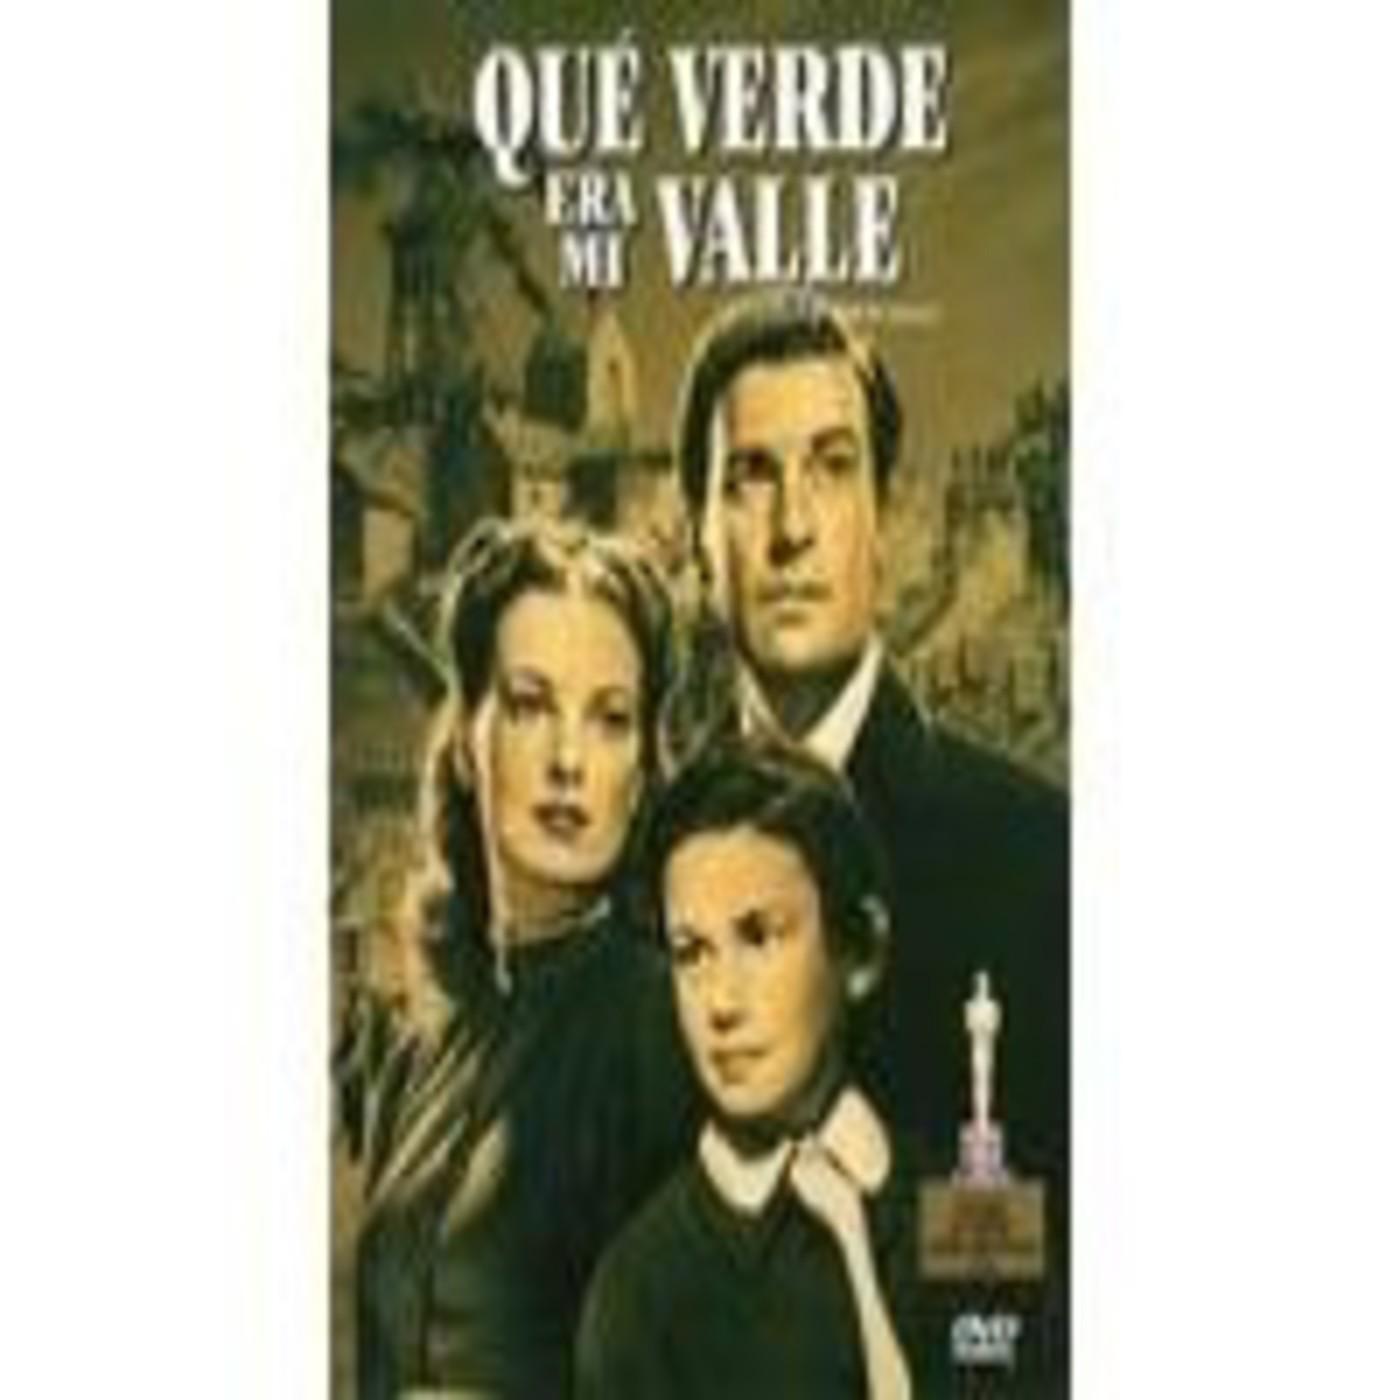 Qué Verde Era Mi Valle 1941 Cine En B N En Cine En Blanco Negro En Mp3 22 10 A Las 01 32 35 56 48 400766 Ivoox